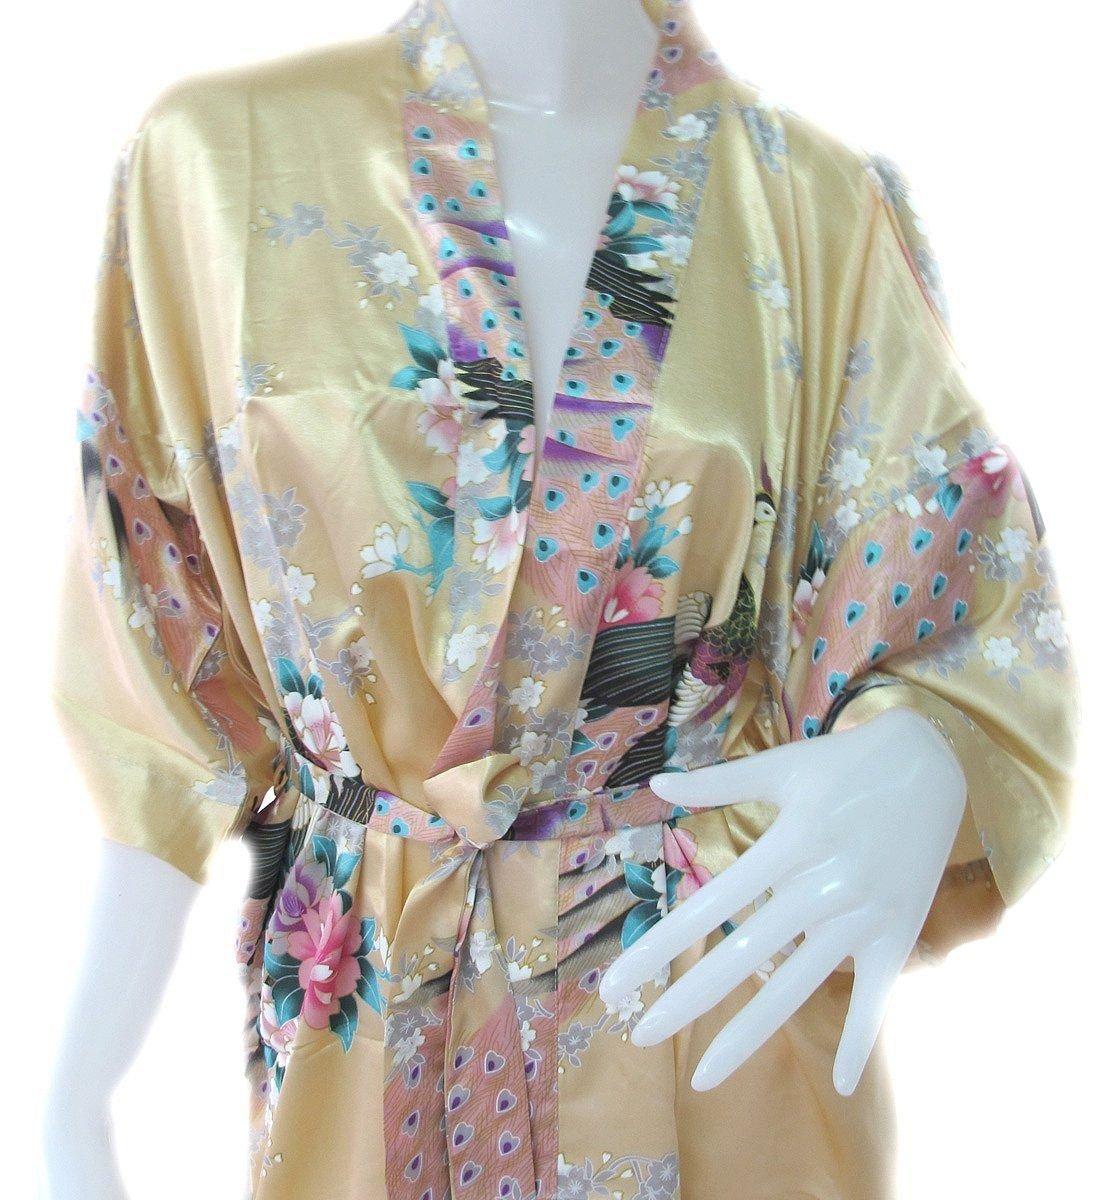 Thai Vintage Women's Gold Kimono Silk Satin Bath Wrap Robe Peacock Design 3